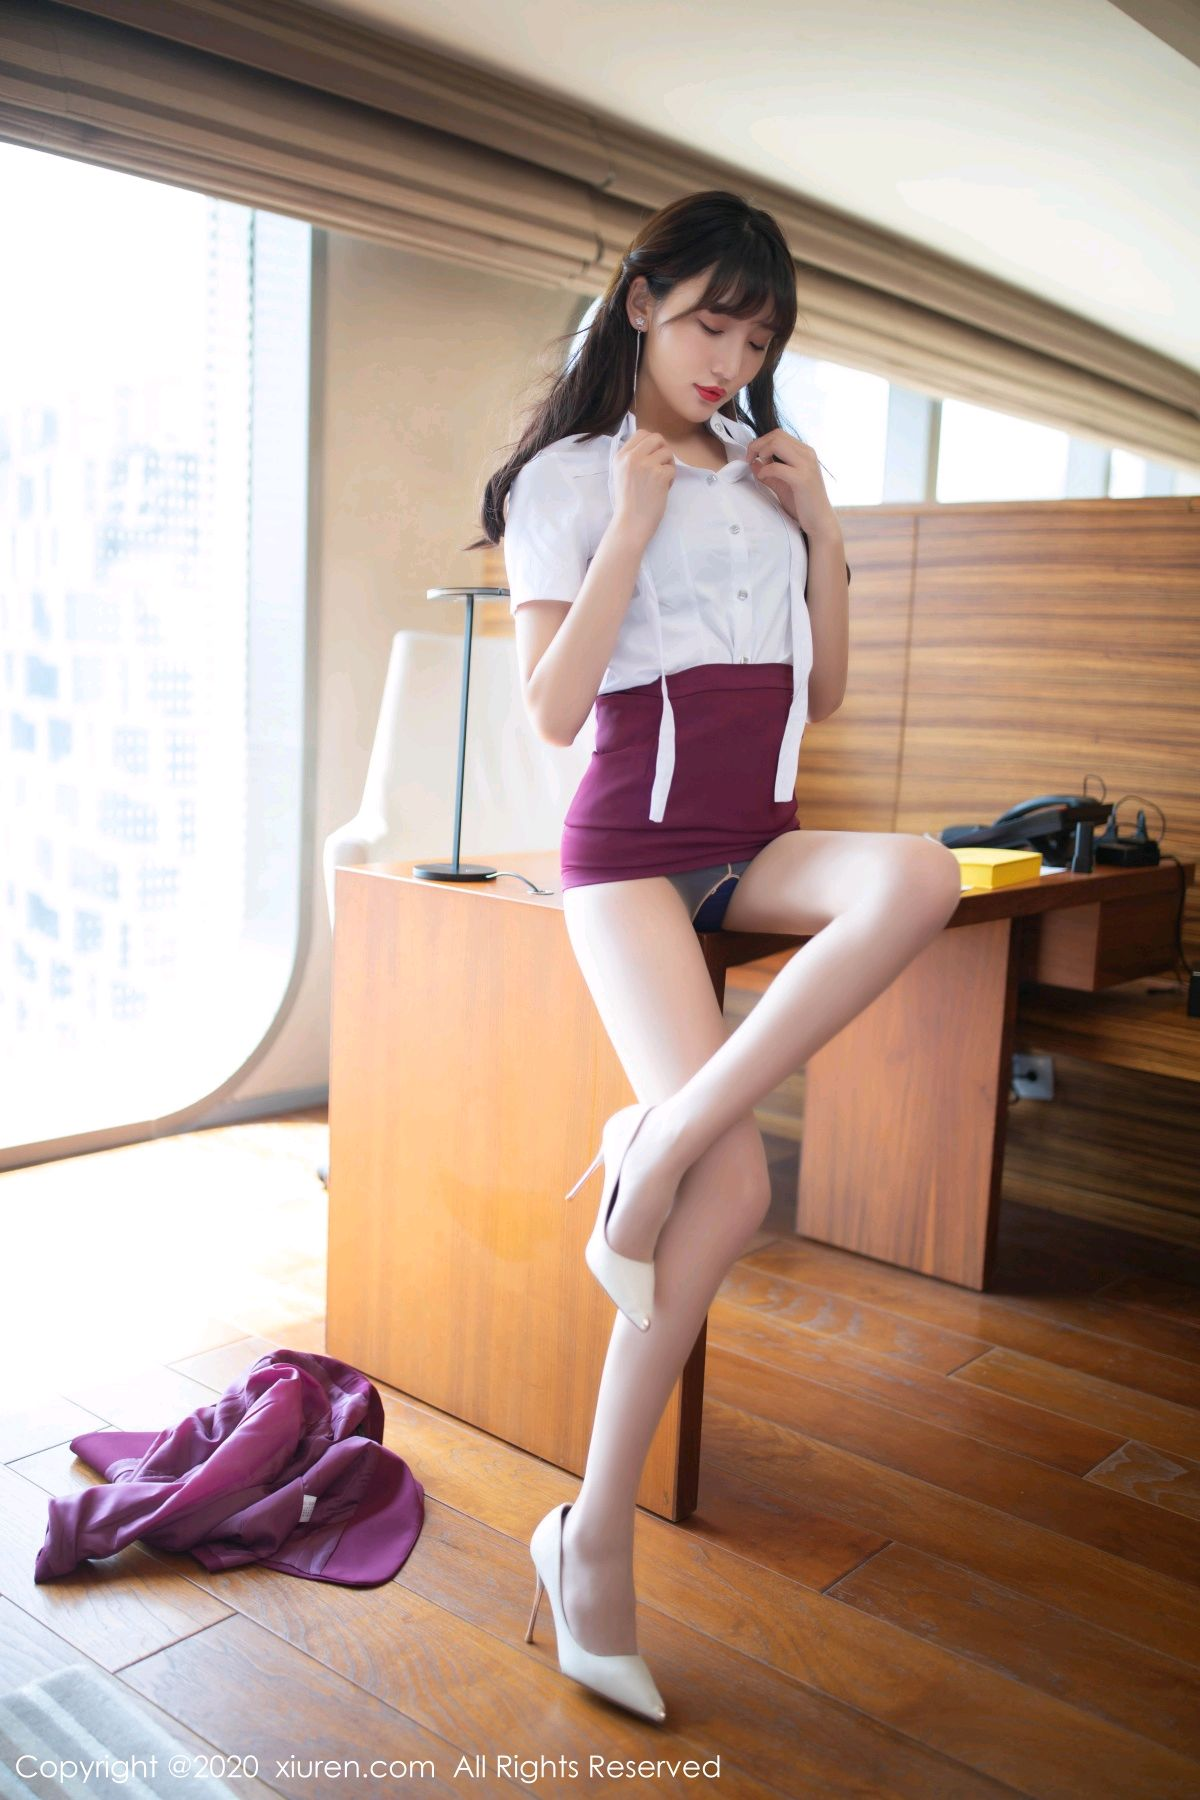 [XiuRen] Vol.2705 Lu Xuan Xuan 18P, Lu Xuan Xuan, Stewardess, Tall, Uniform, Xiuren